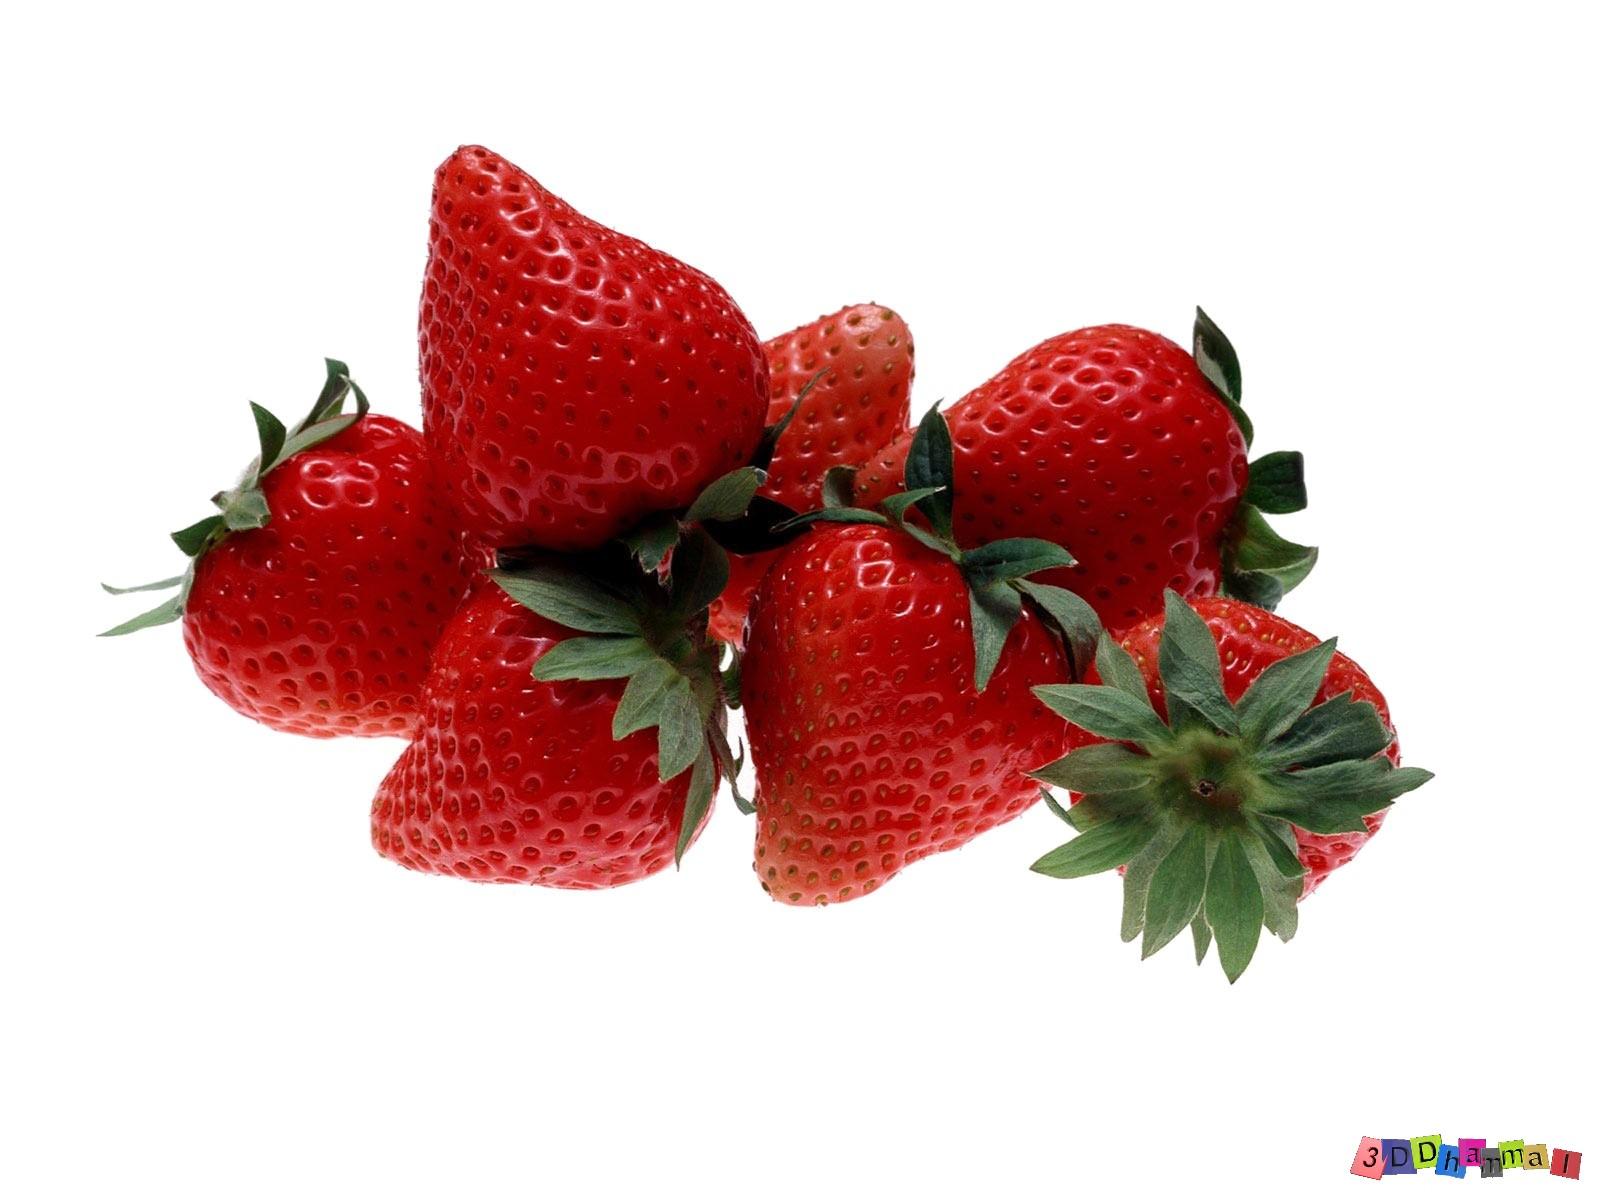 http://1.bp.blogspot.com/-CFyke0ocD5Q/TyUiMH5l3MI/AAAAAAAAAPc/zzqBg926M-U/s1600/strawberry_season-1600x1200.jpg